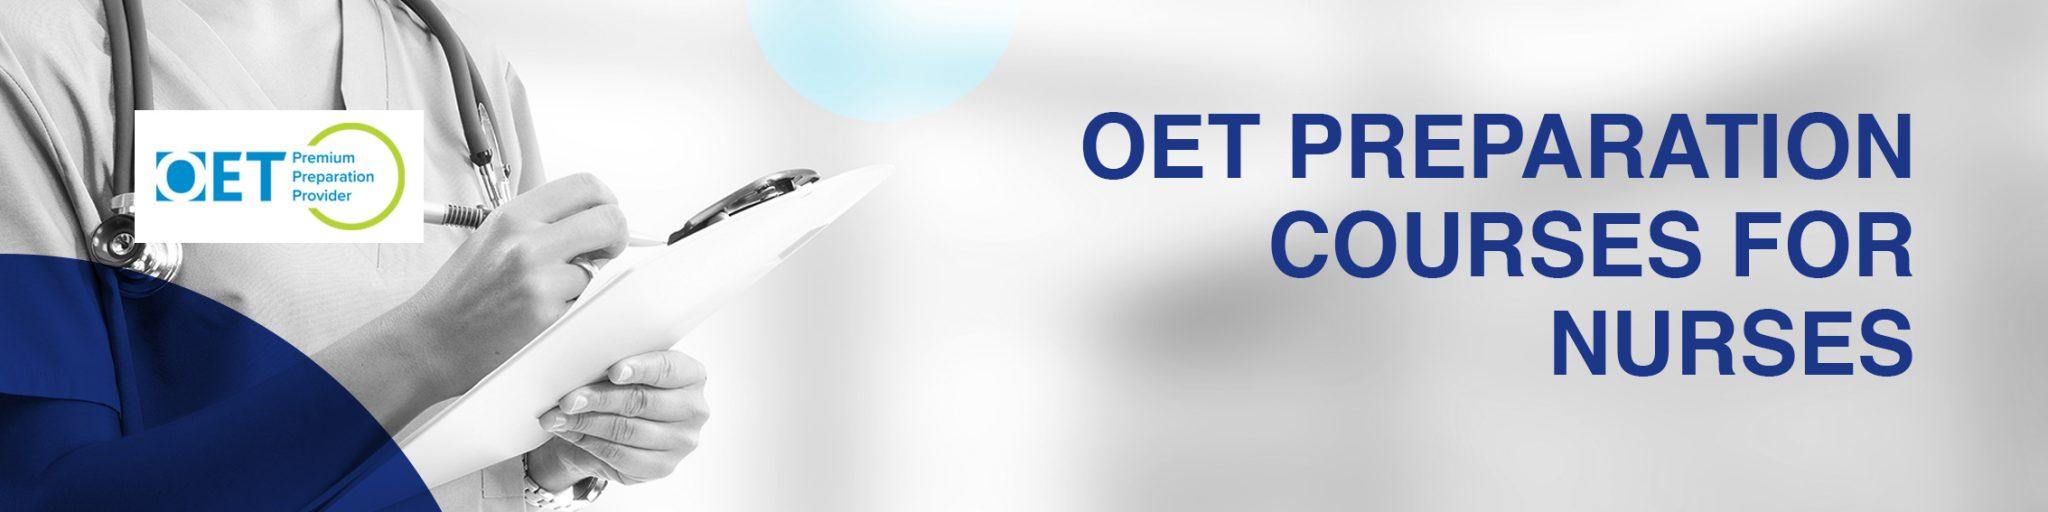 OET Preparation Courses for Nurses